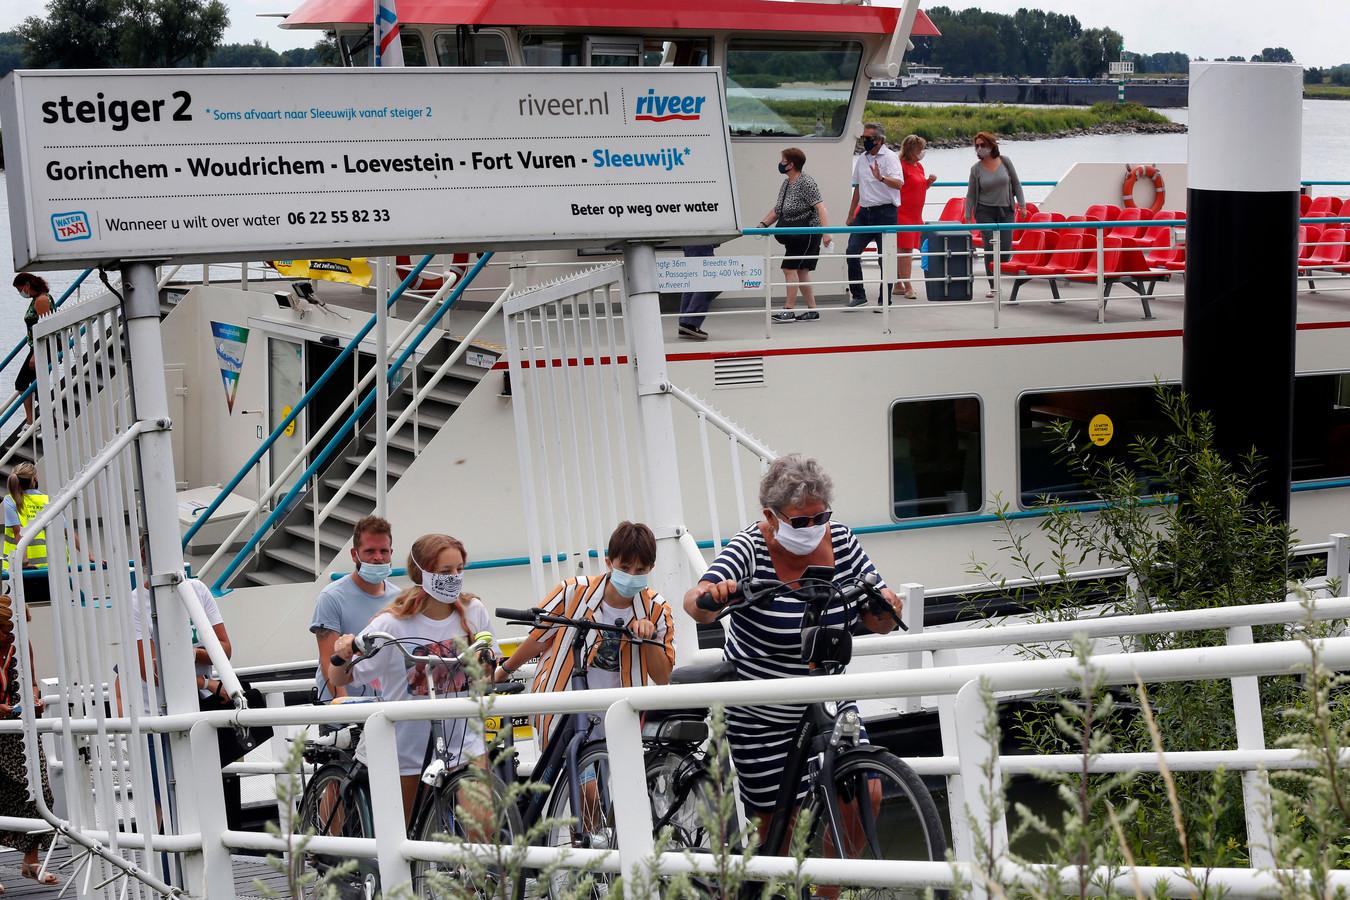 Juni 2020: passagiers, allemaal met een mondkapje, verlaten een pont van Riveer. De veerdienst hervat 1 maart de reguliere dienstregeling.